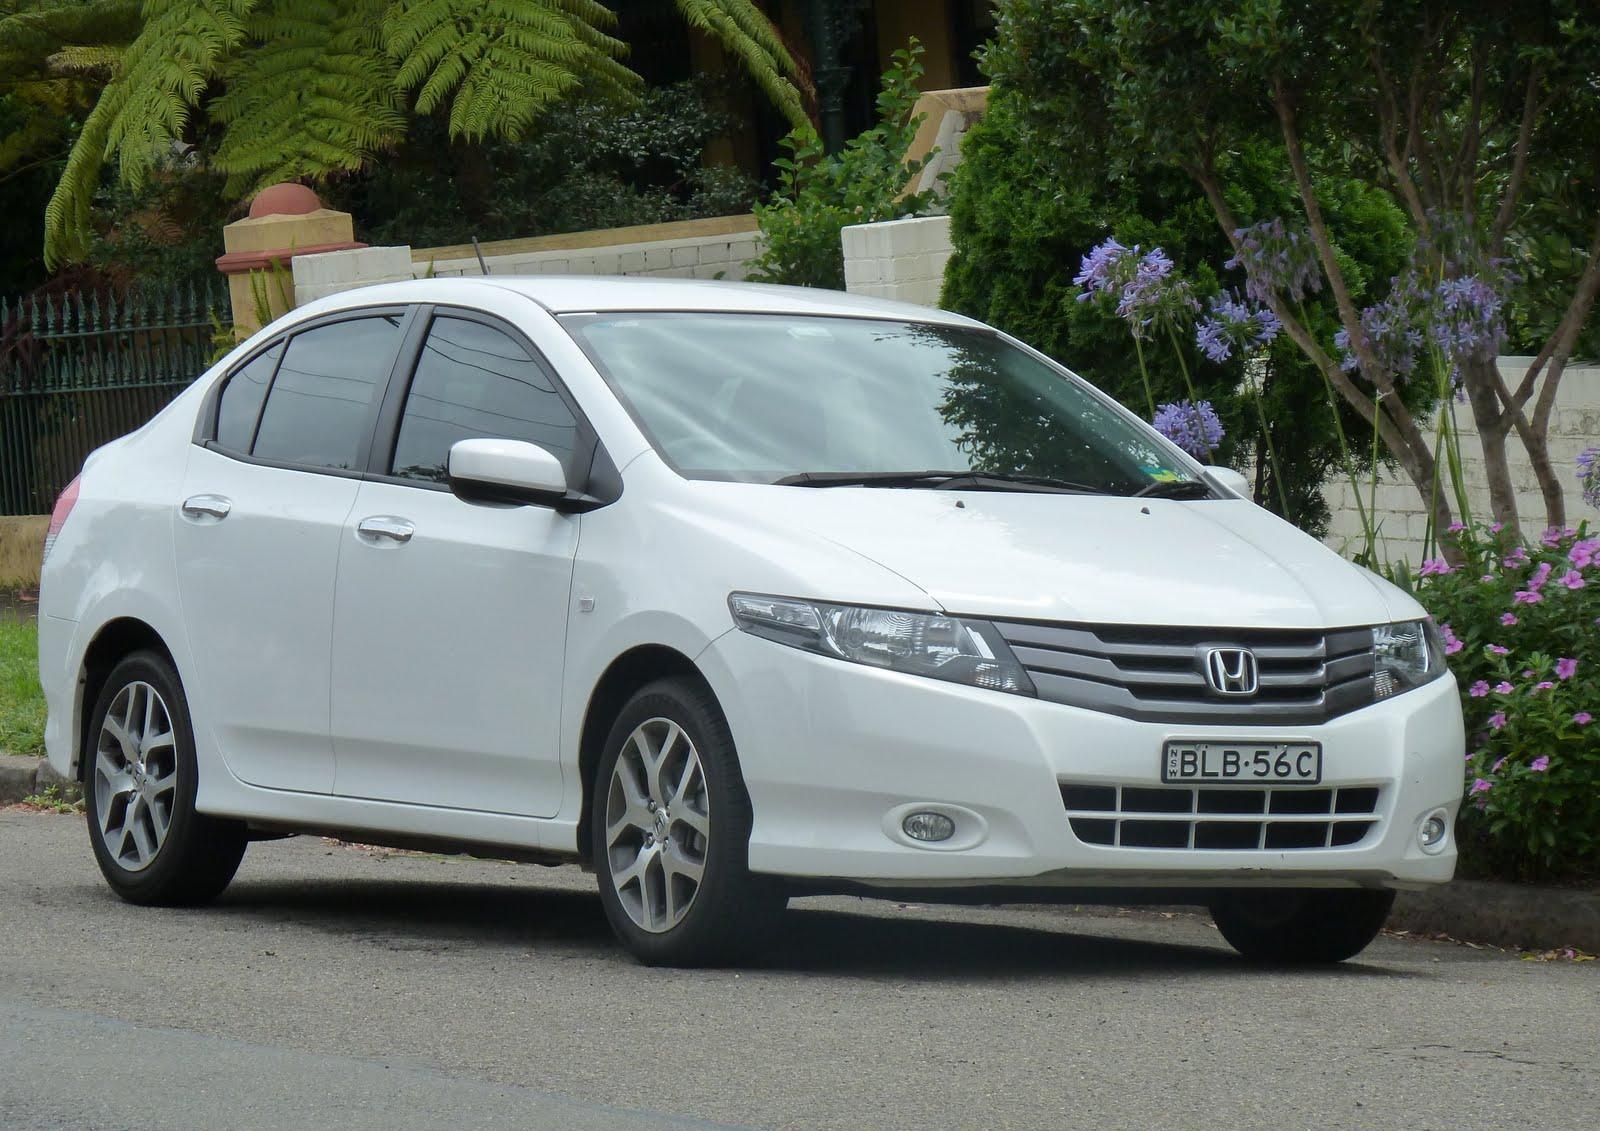 Car Wallpapers: Honda City 2011 car wallpaper review specs ...